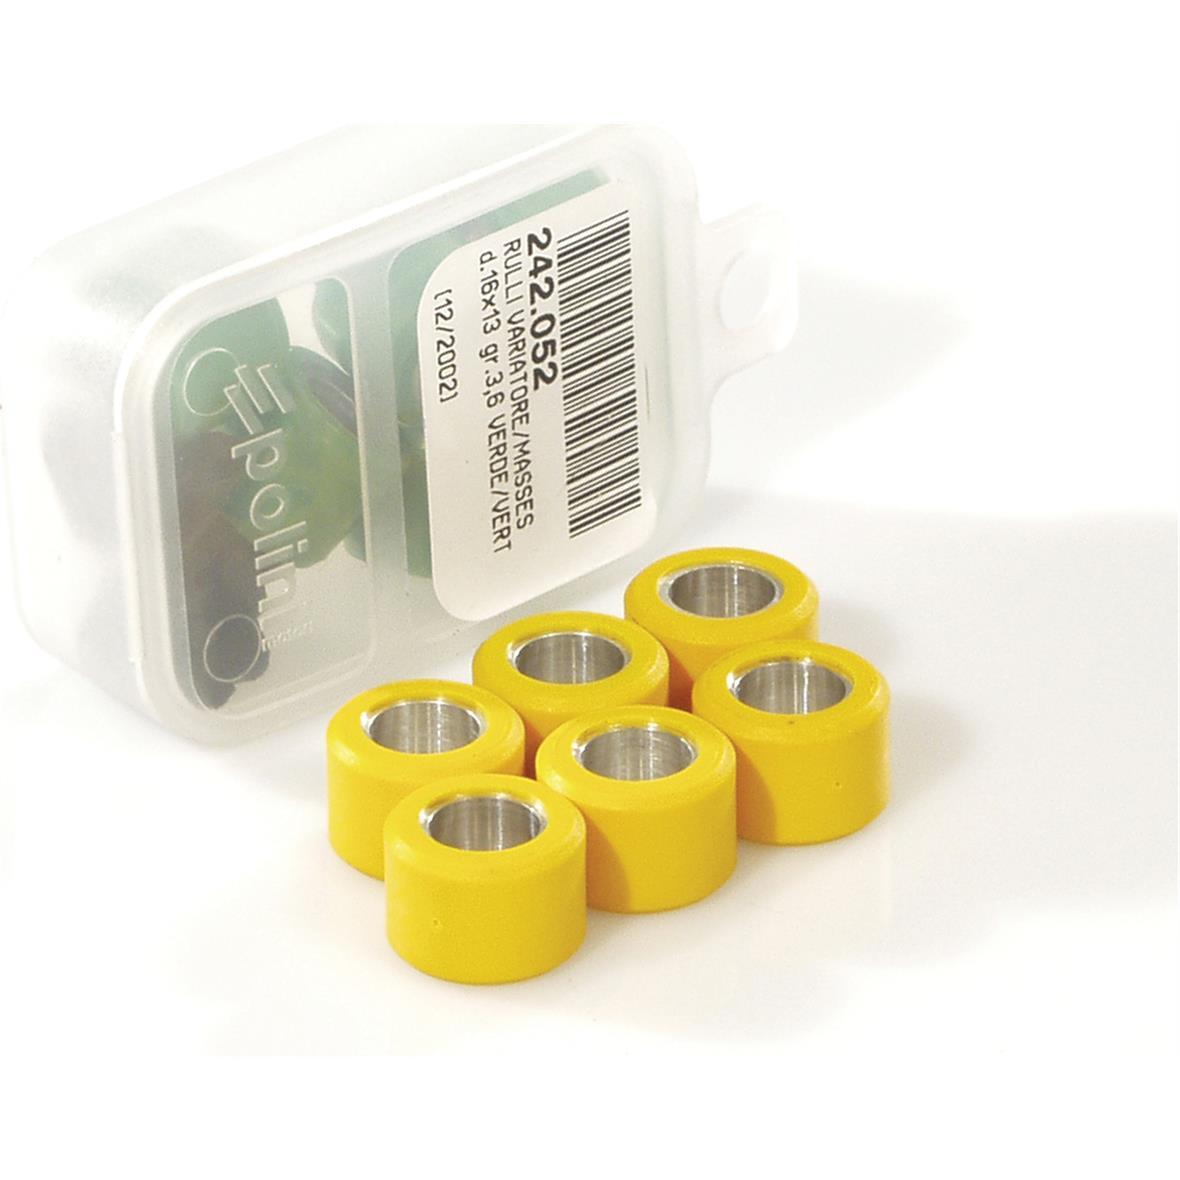 「バリエーター ロール POLINI 23x18 mm 12.4 (グラム)Title」の製品画像